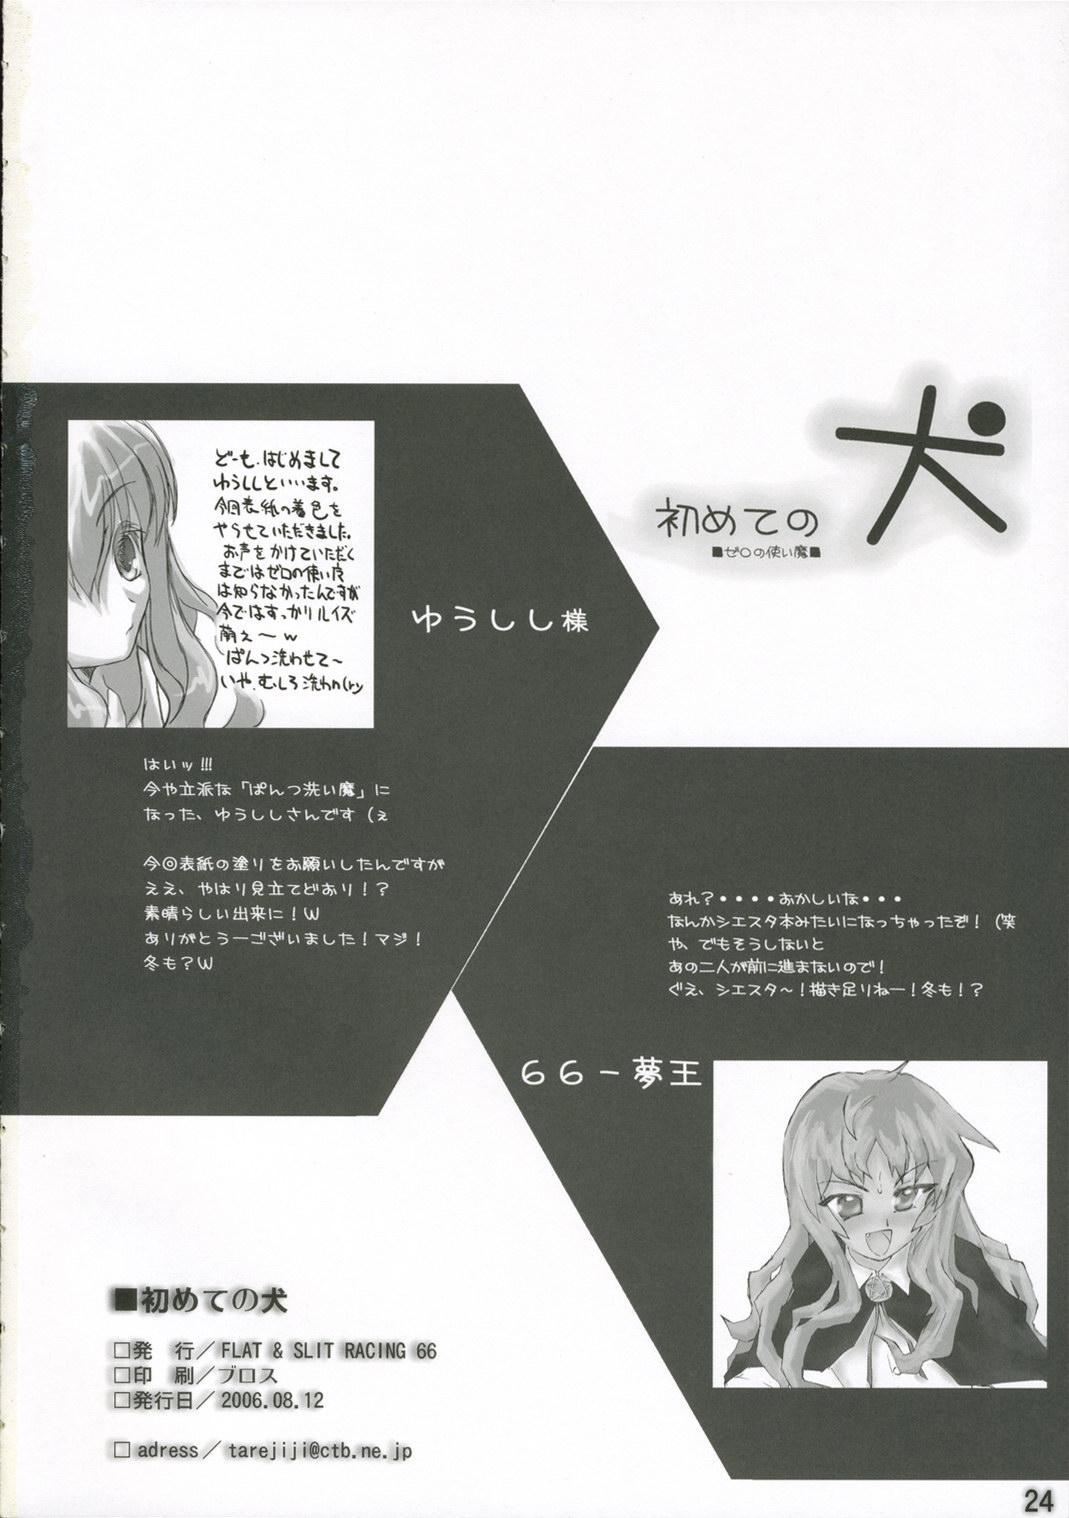 Hajimete no Inu 24